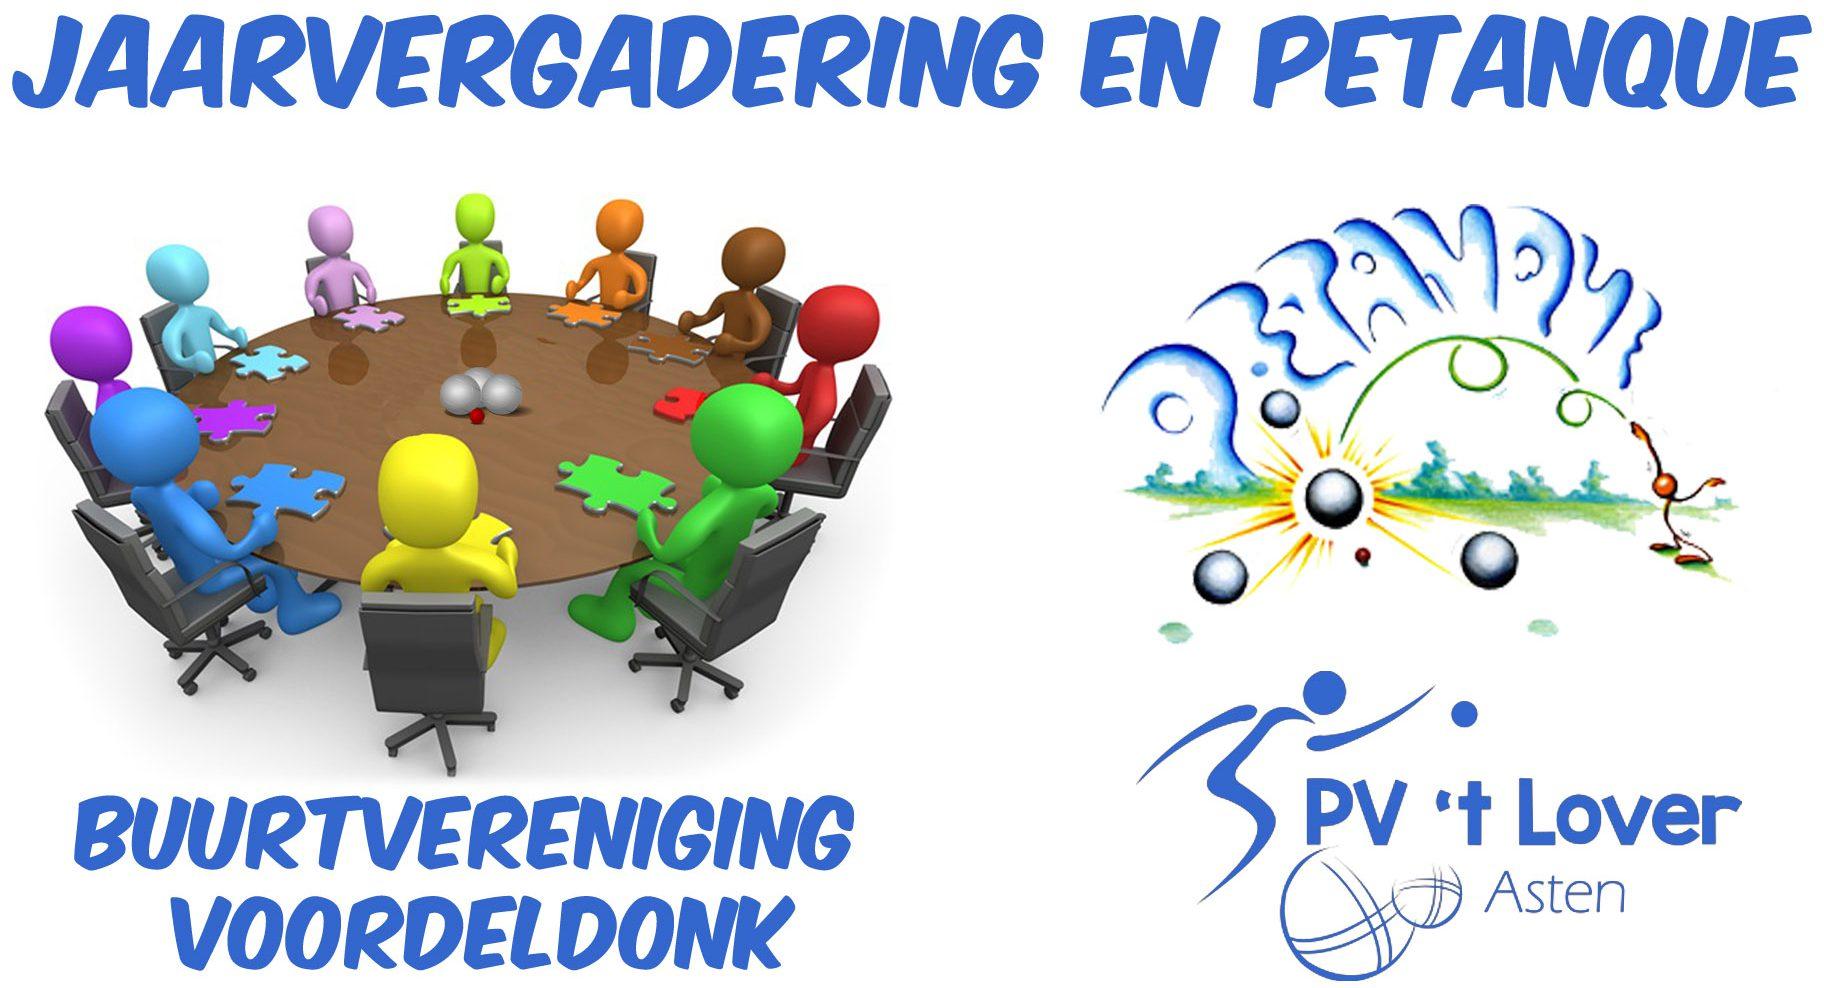 Jaarvergadering 27 maart bij Petanquevereniging 't Lover @ Petanque Vereniging 't Lover | Asten | Noord-Brabant | Nederland